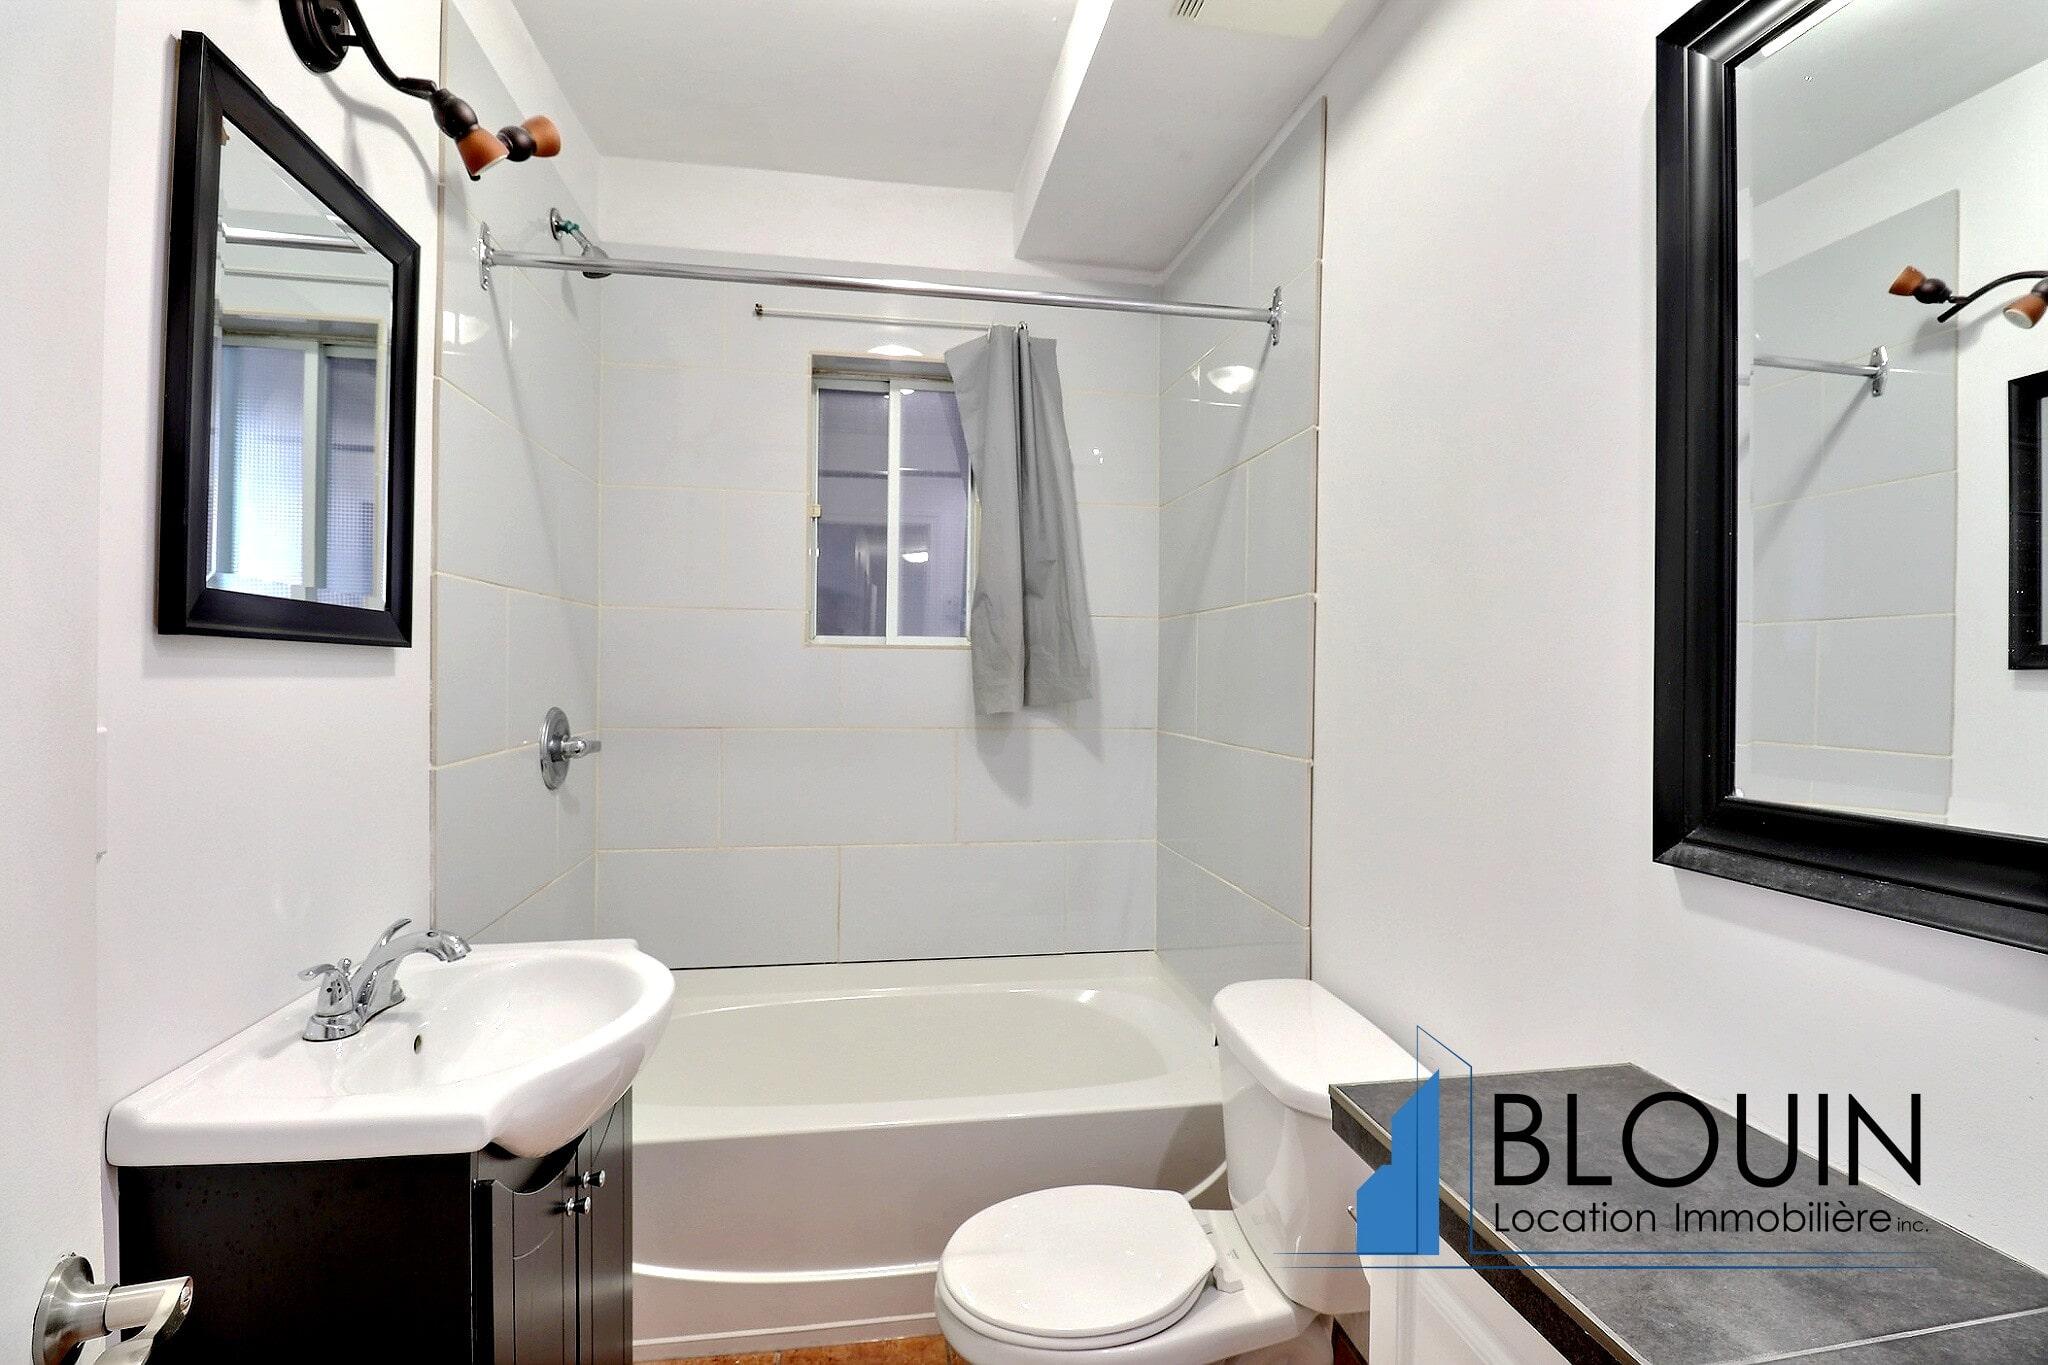 Photo 7 : 4 ½ à Limoilou, libre Maintenant, Semi-meublé + eau chaude & Stationnement inclus